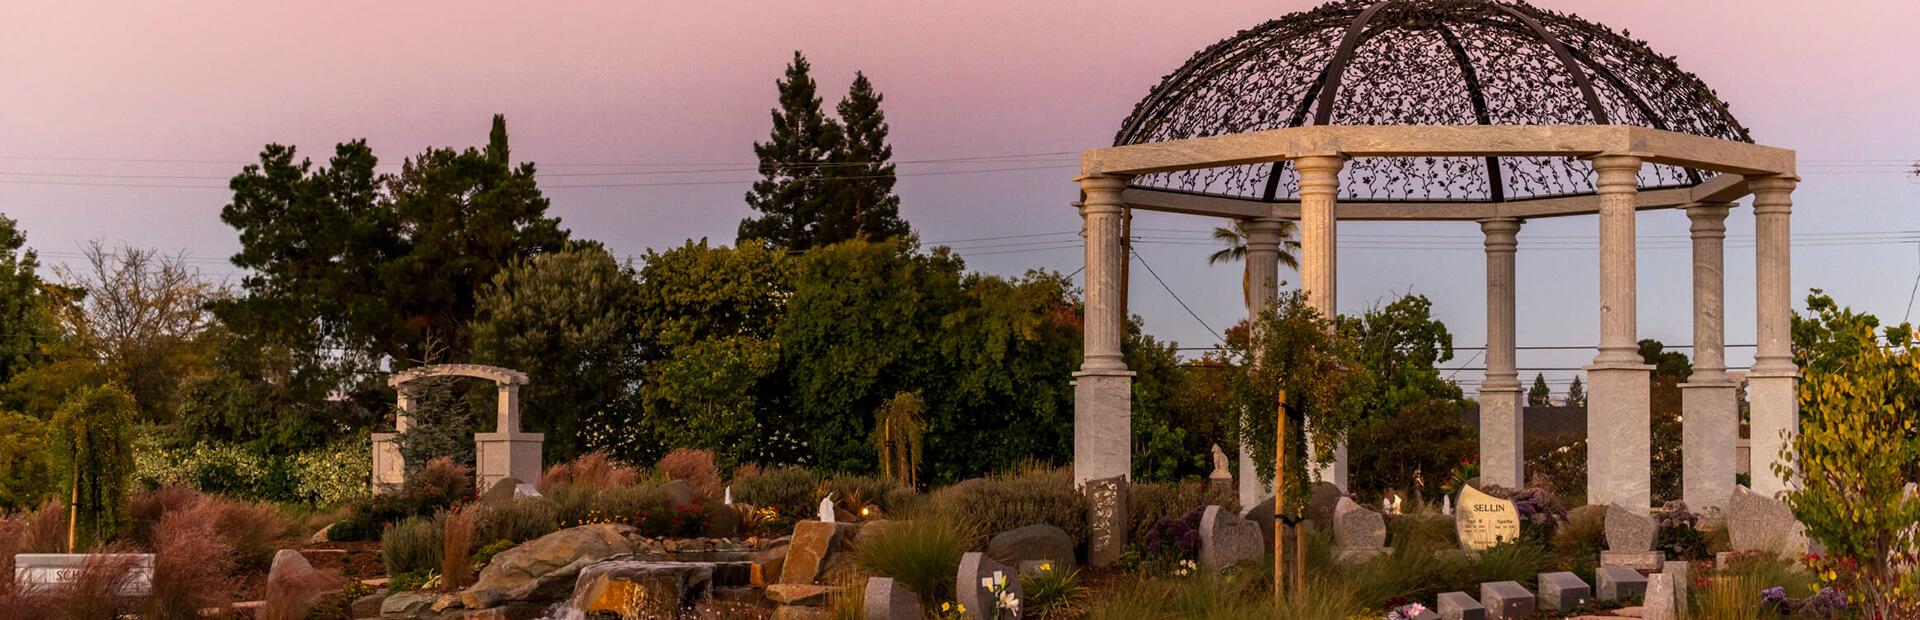 Cemetery in San Jose, CA - Los Gatos Memorial Park